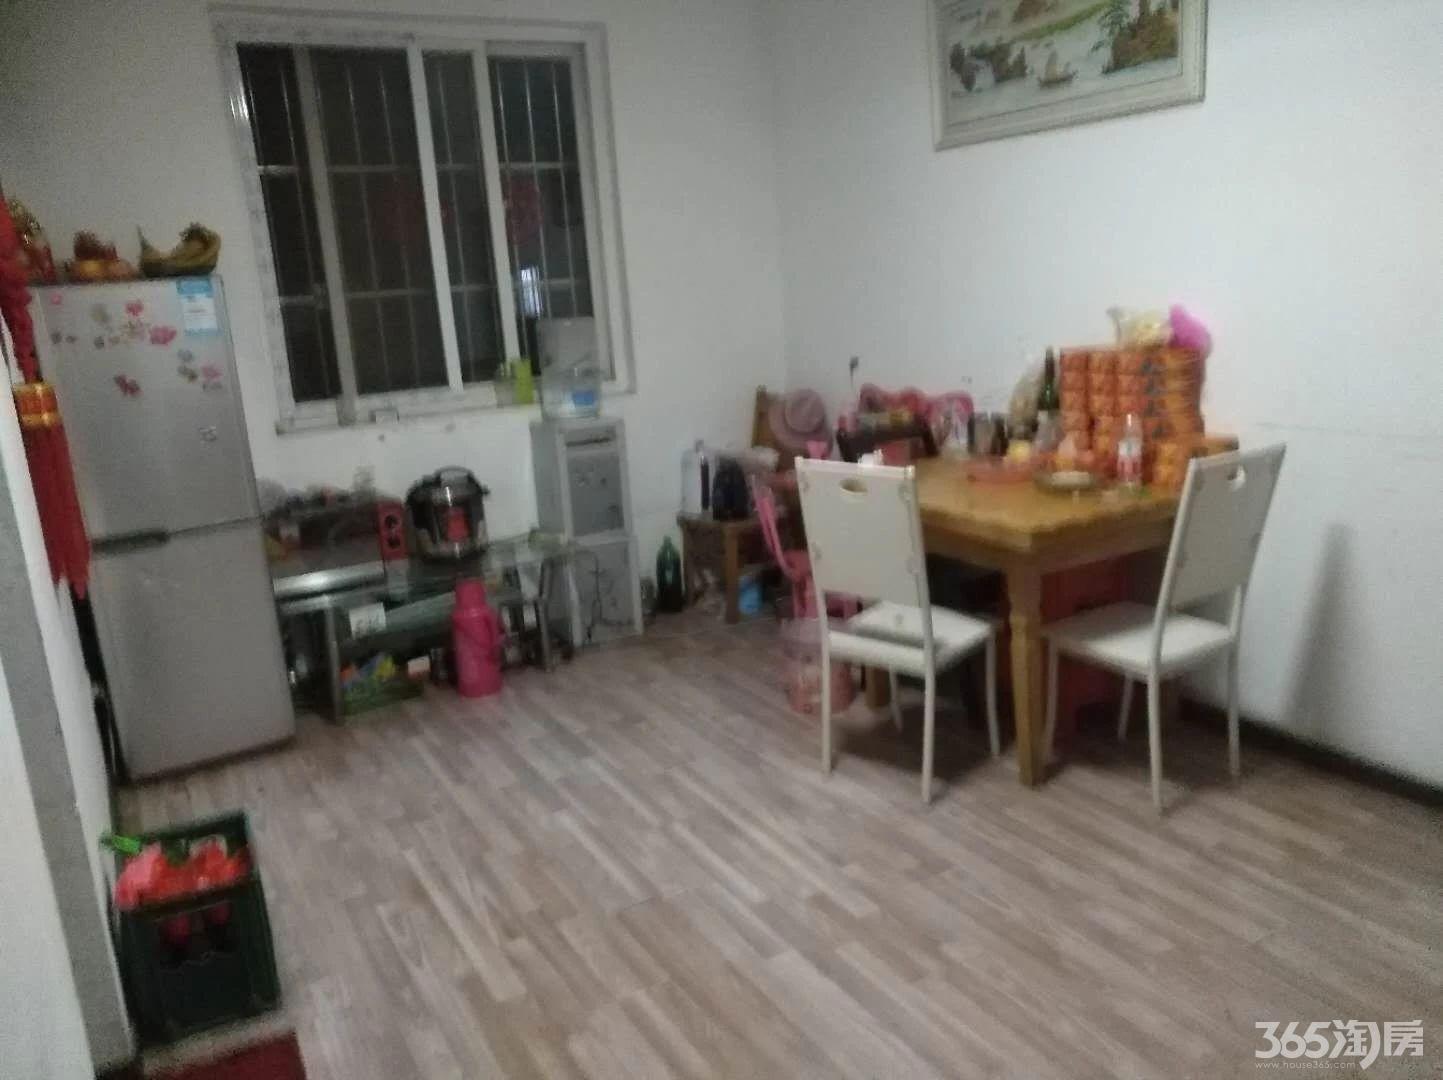 宋滩小区2室1厅1卫68平方使用权房简装还原房